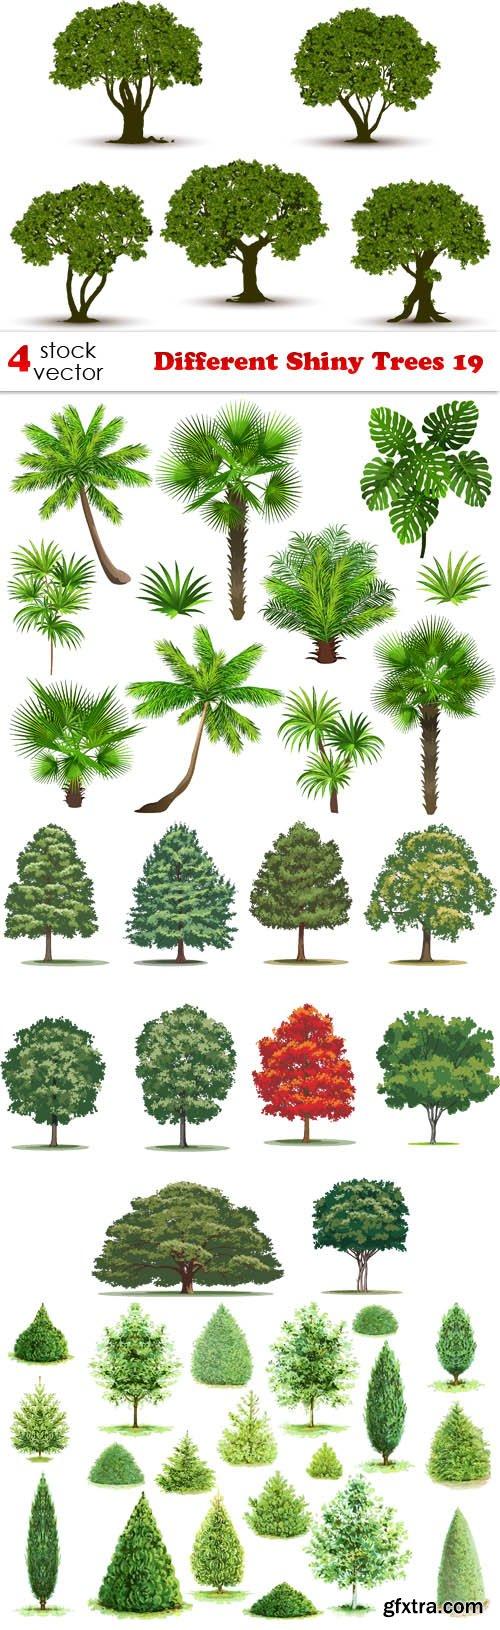 Vectors - Different Shiny Trees 19